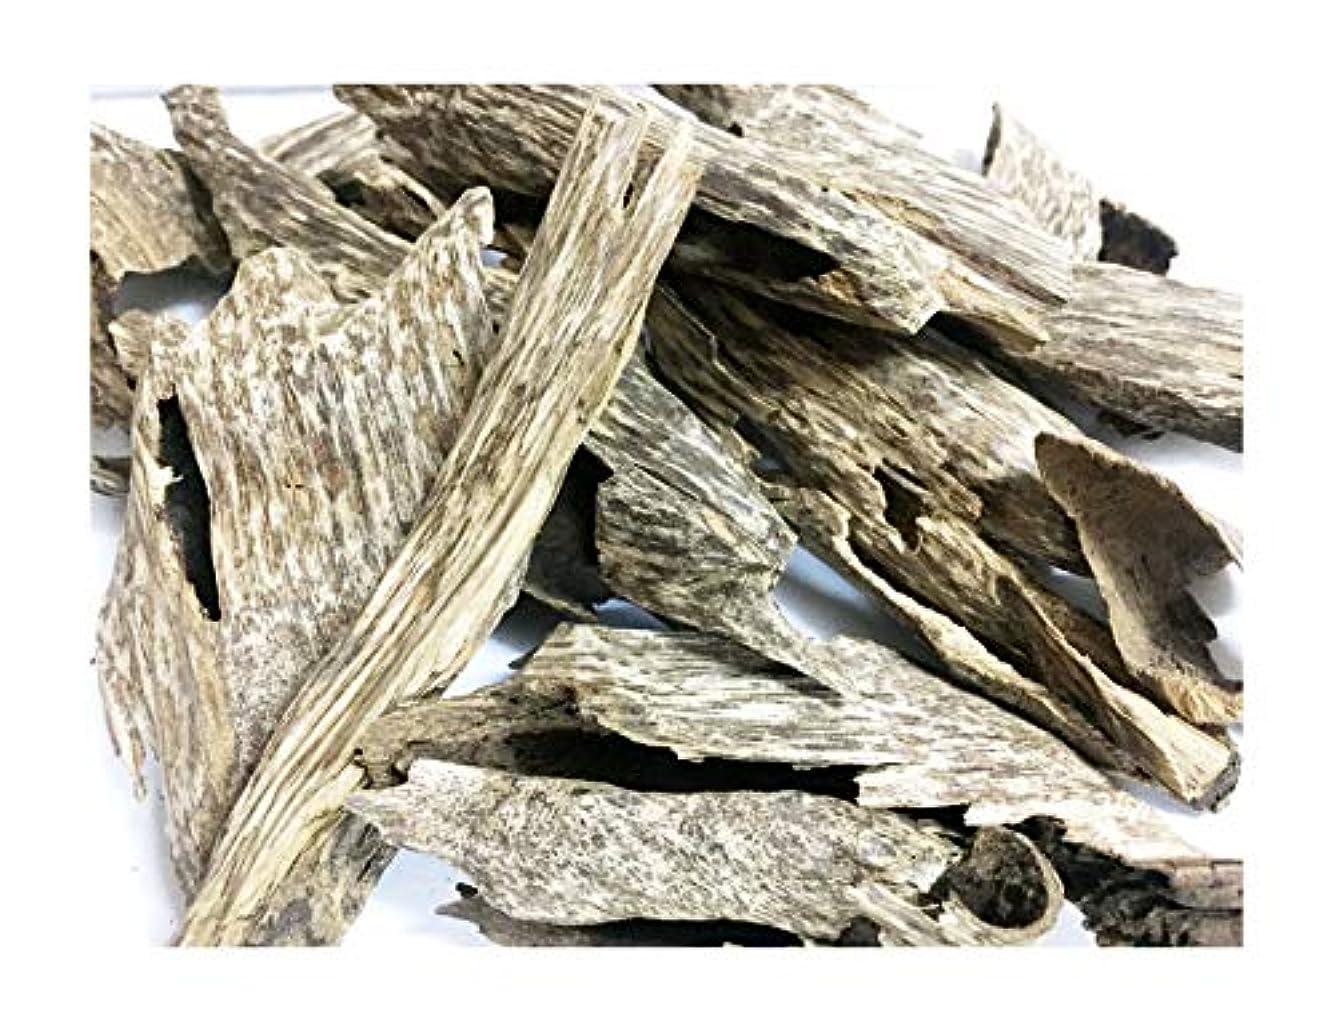 配分昼食消毒剤Agarwood Chips Oud Chips お香 アロマ | 天然の野生と希少な沈香チップ、Oudwood Vietnam製 | 純素材グレードA++ 1KG